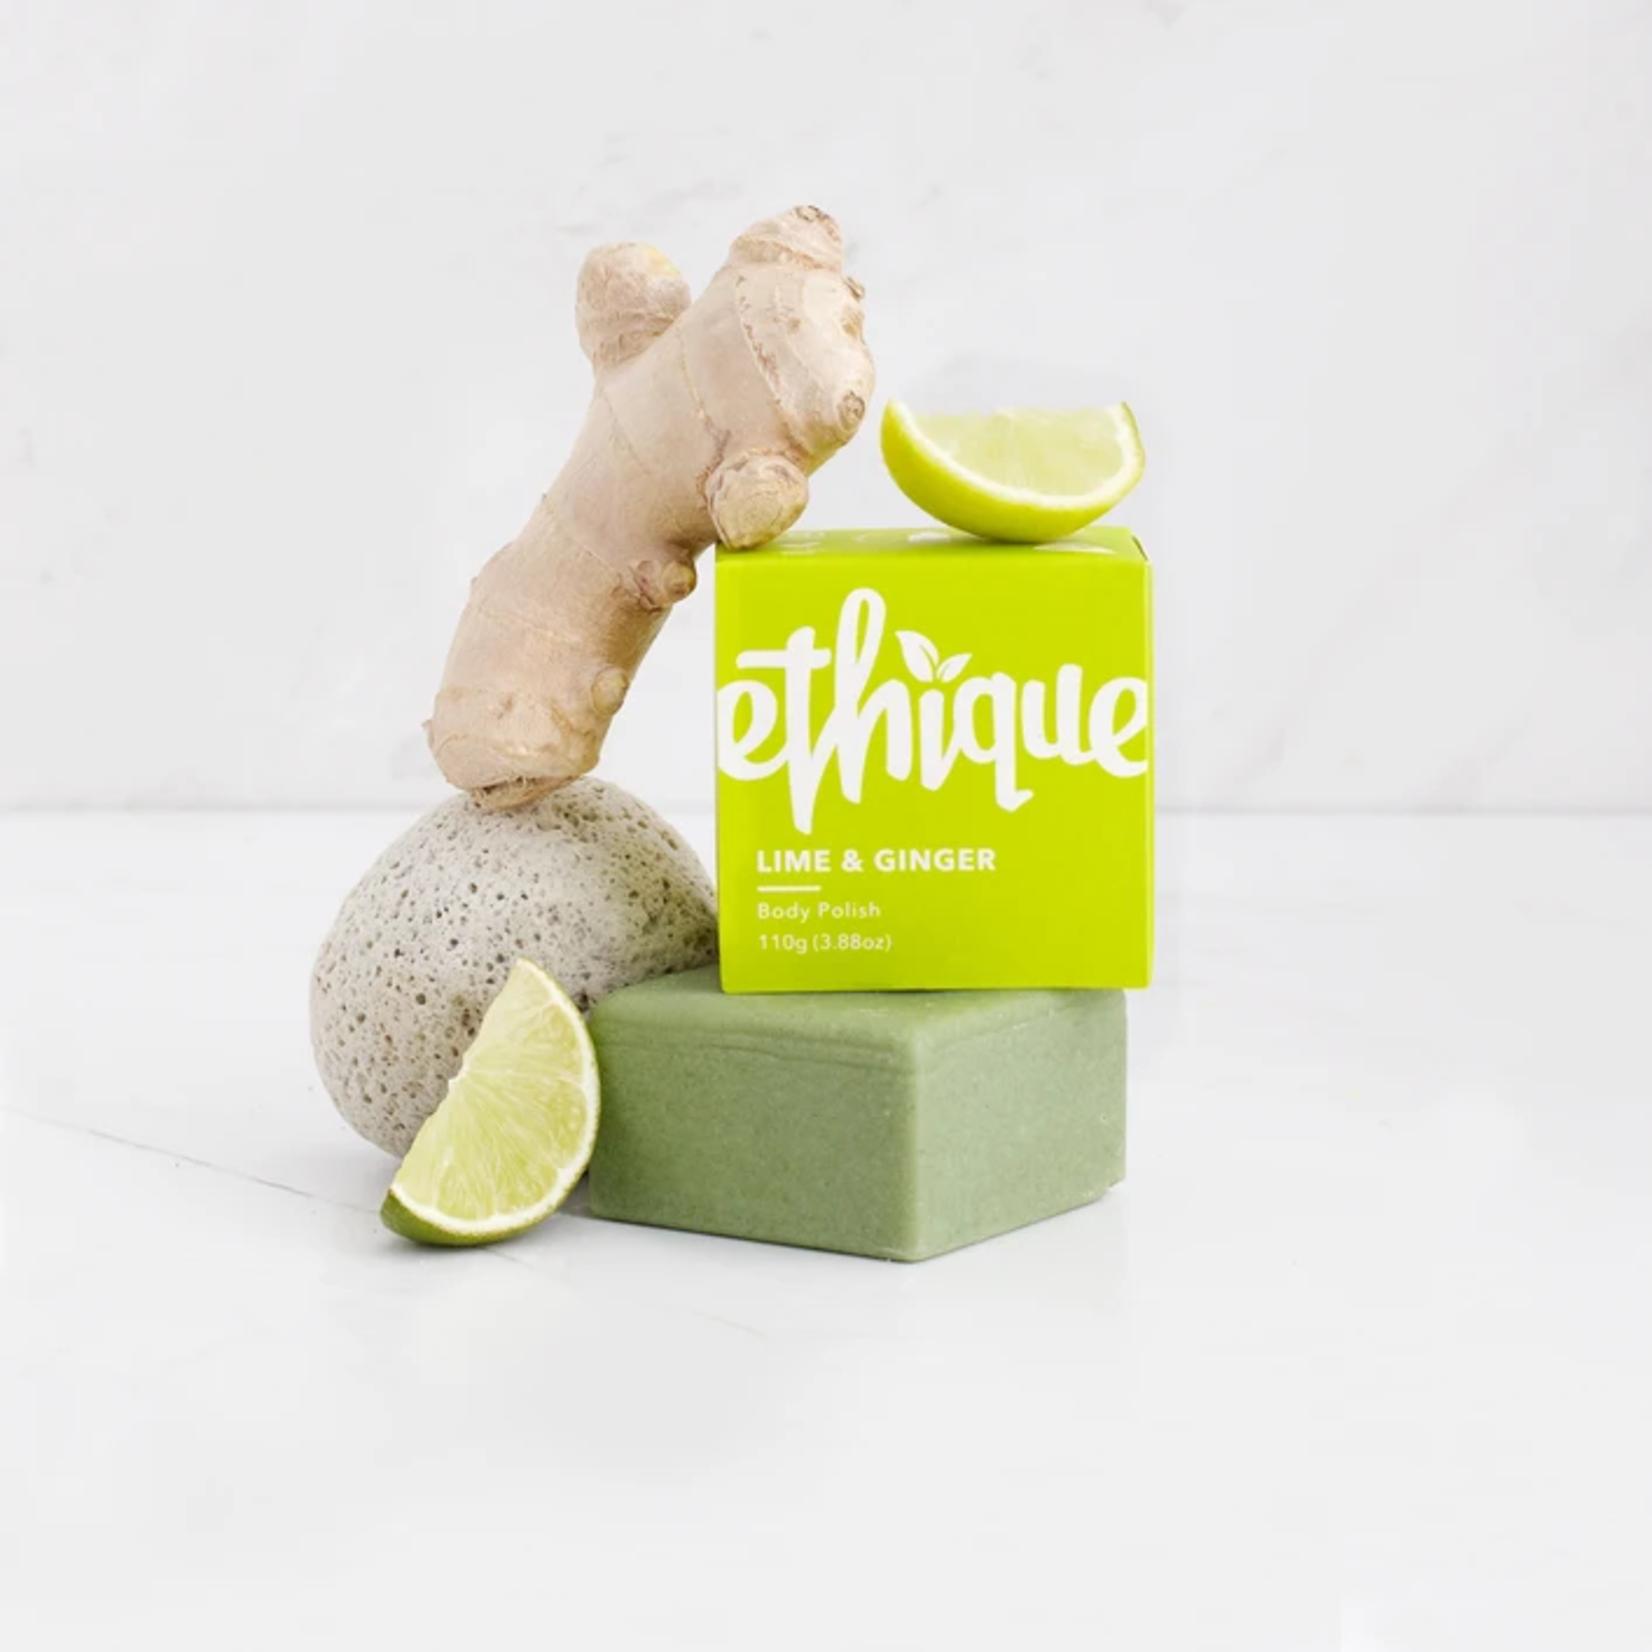 Ethique Ethique Solid Body Polish Bar Lime & Ginger